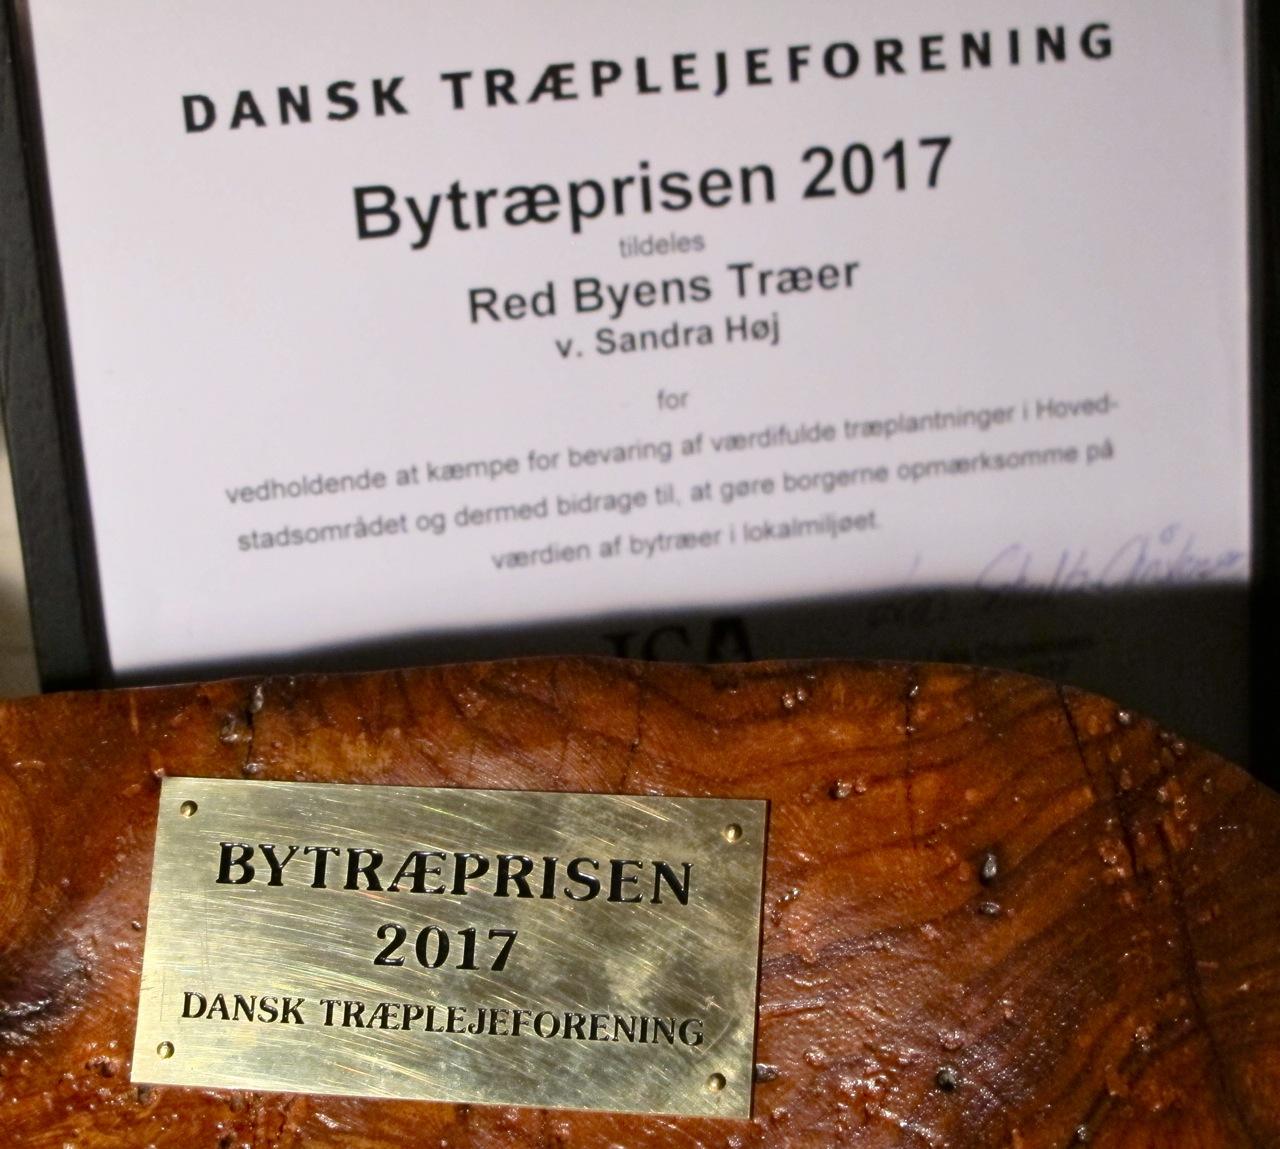 BYTRÆPRISEN 2017